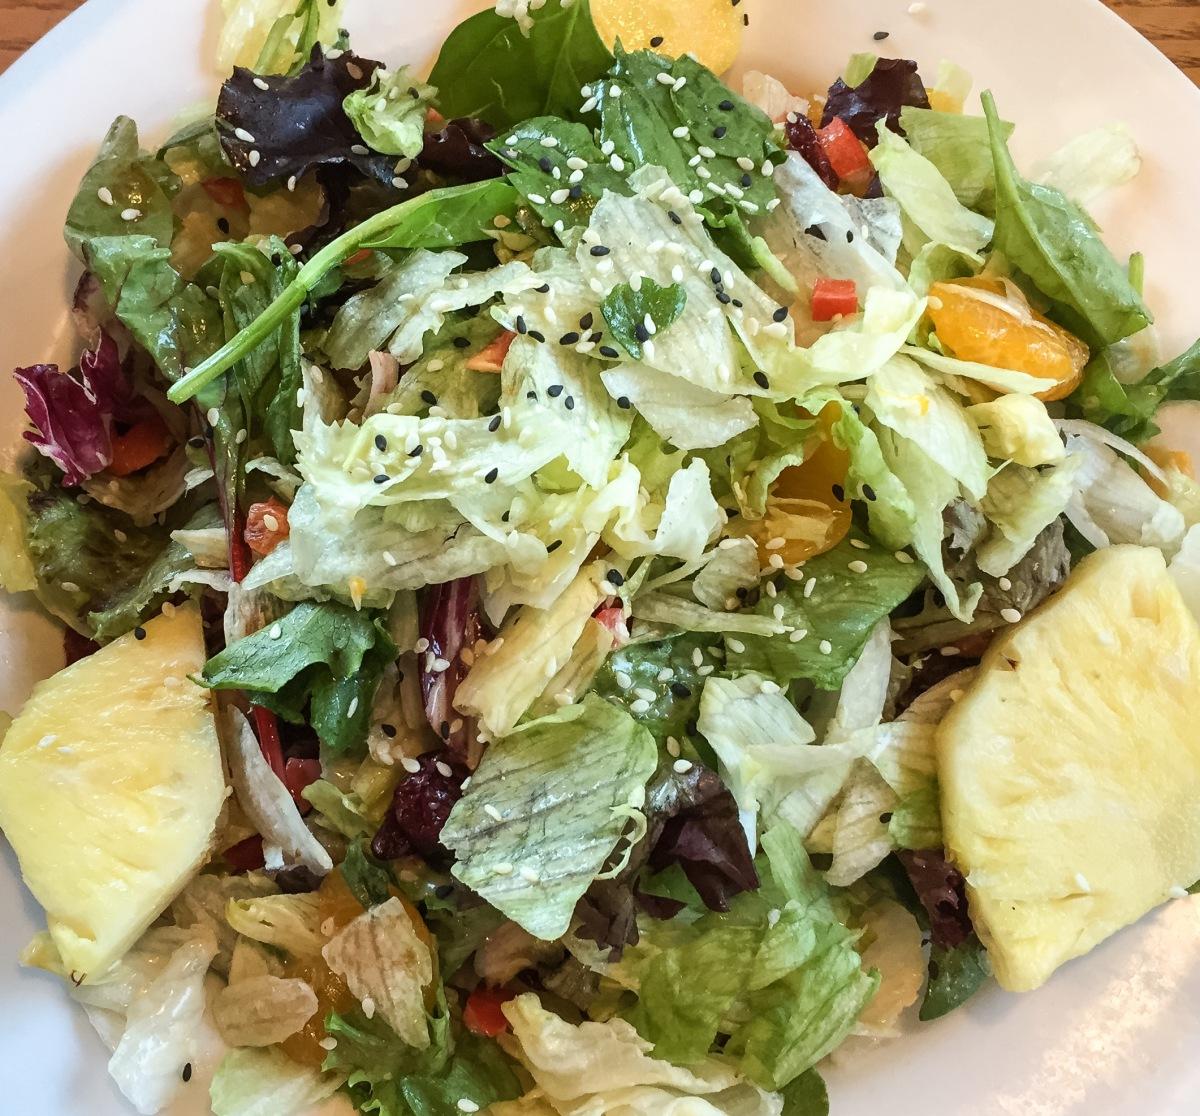 Chili's salad